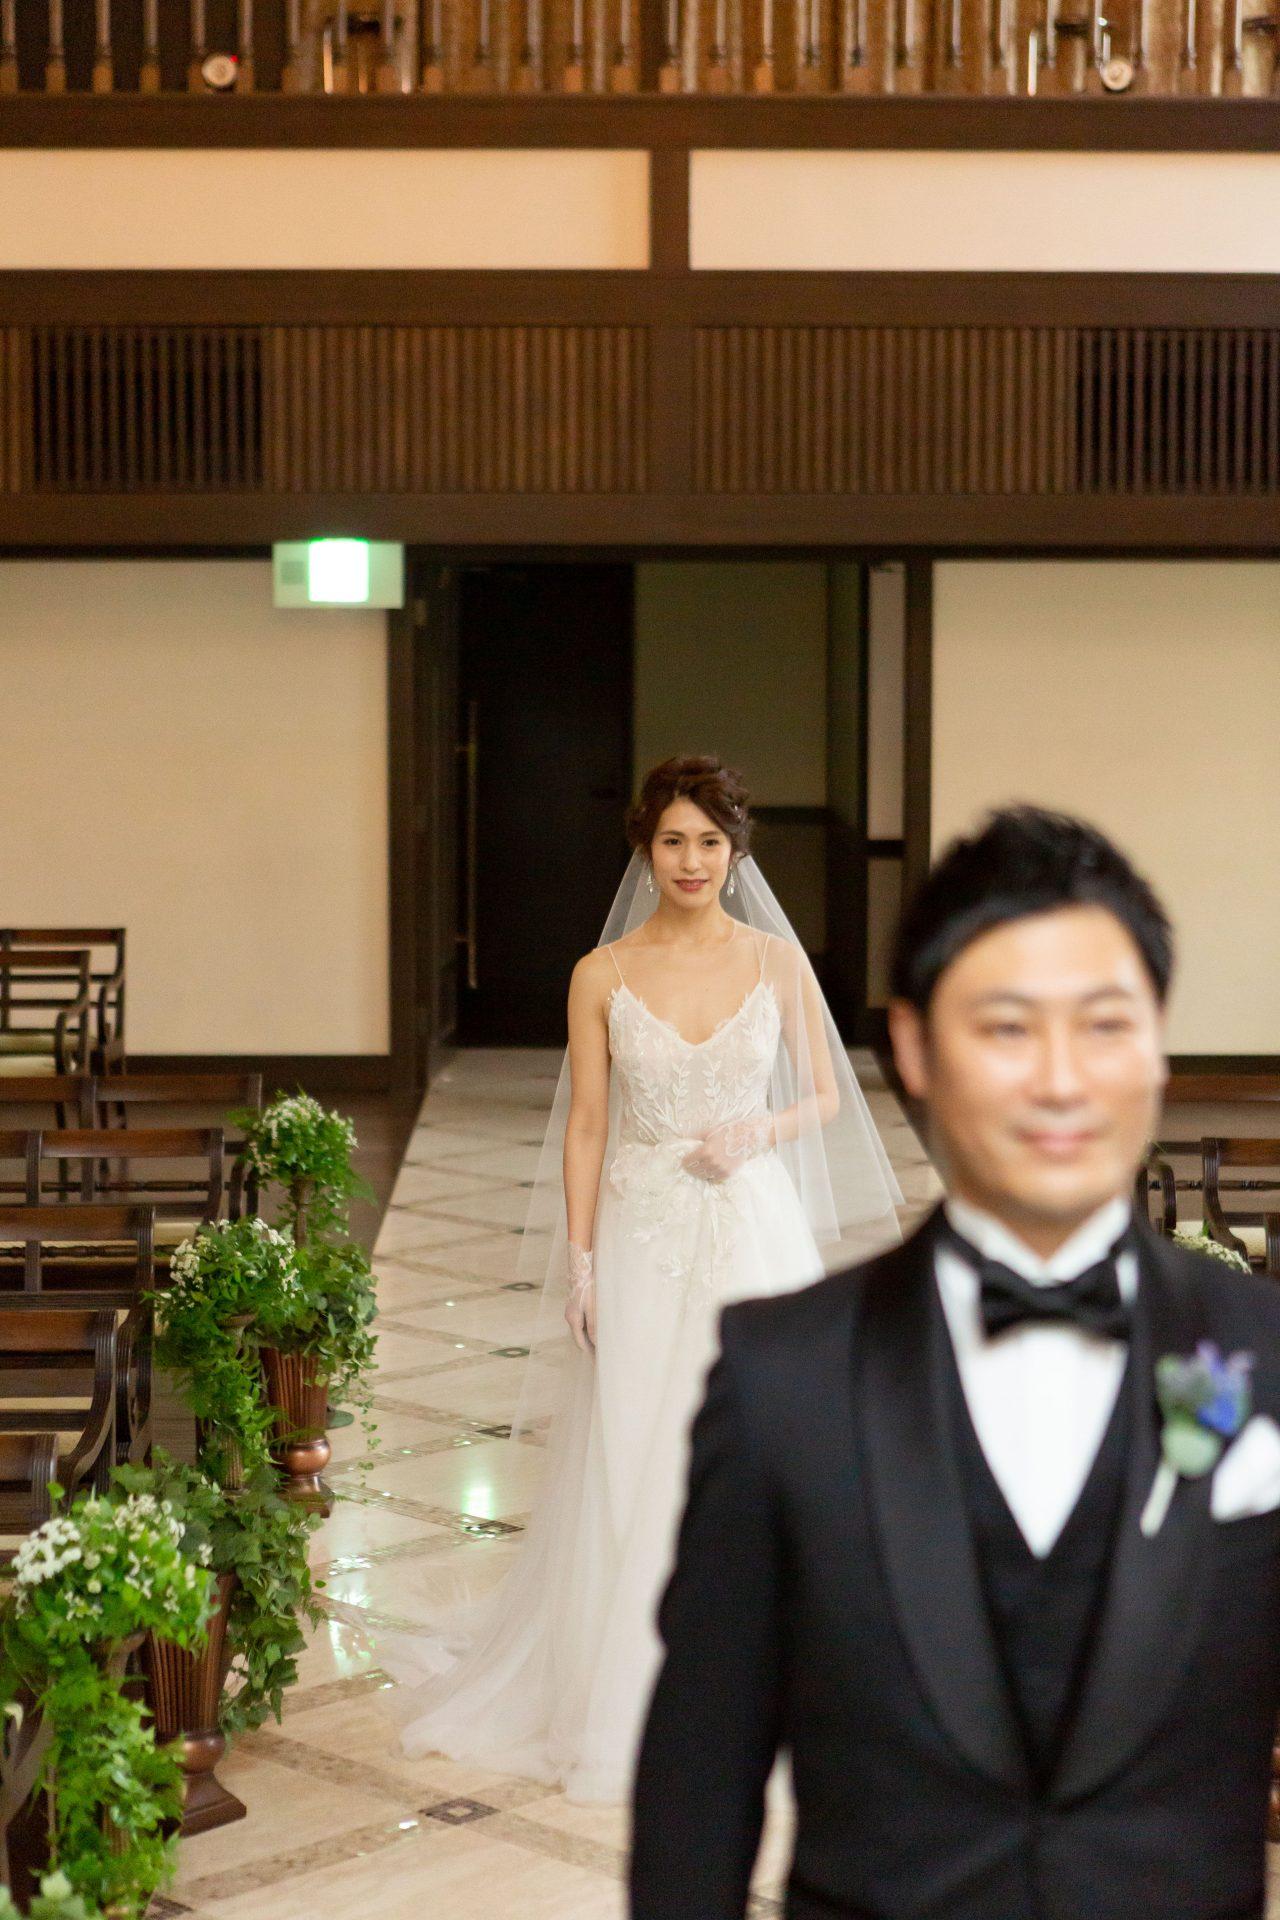 ザ・トリート・ドレッシング京都店にてお取り扱いのあるリームアクラのキラキラと刺繍の輝きが美しいウェディングドレス